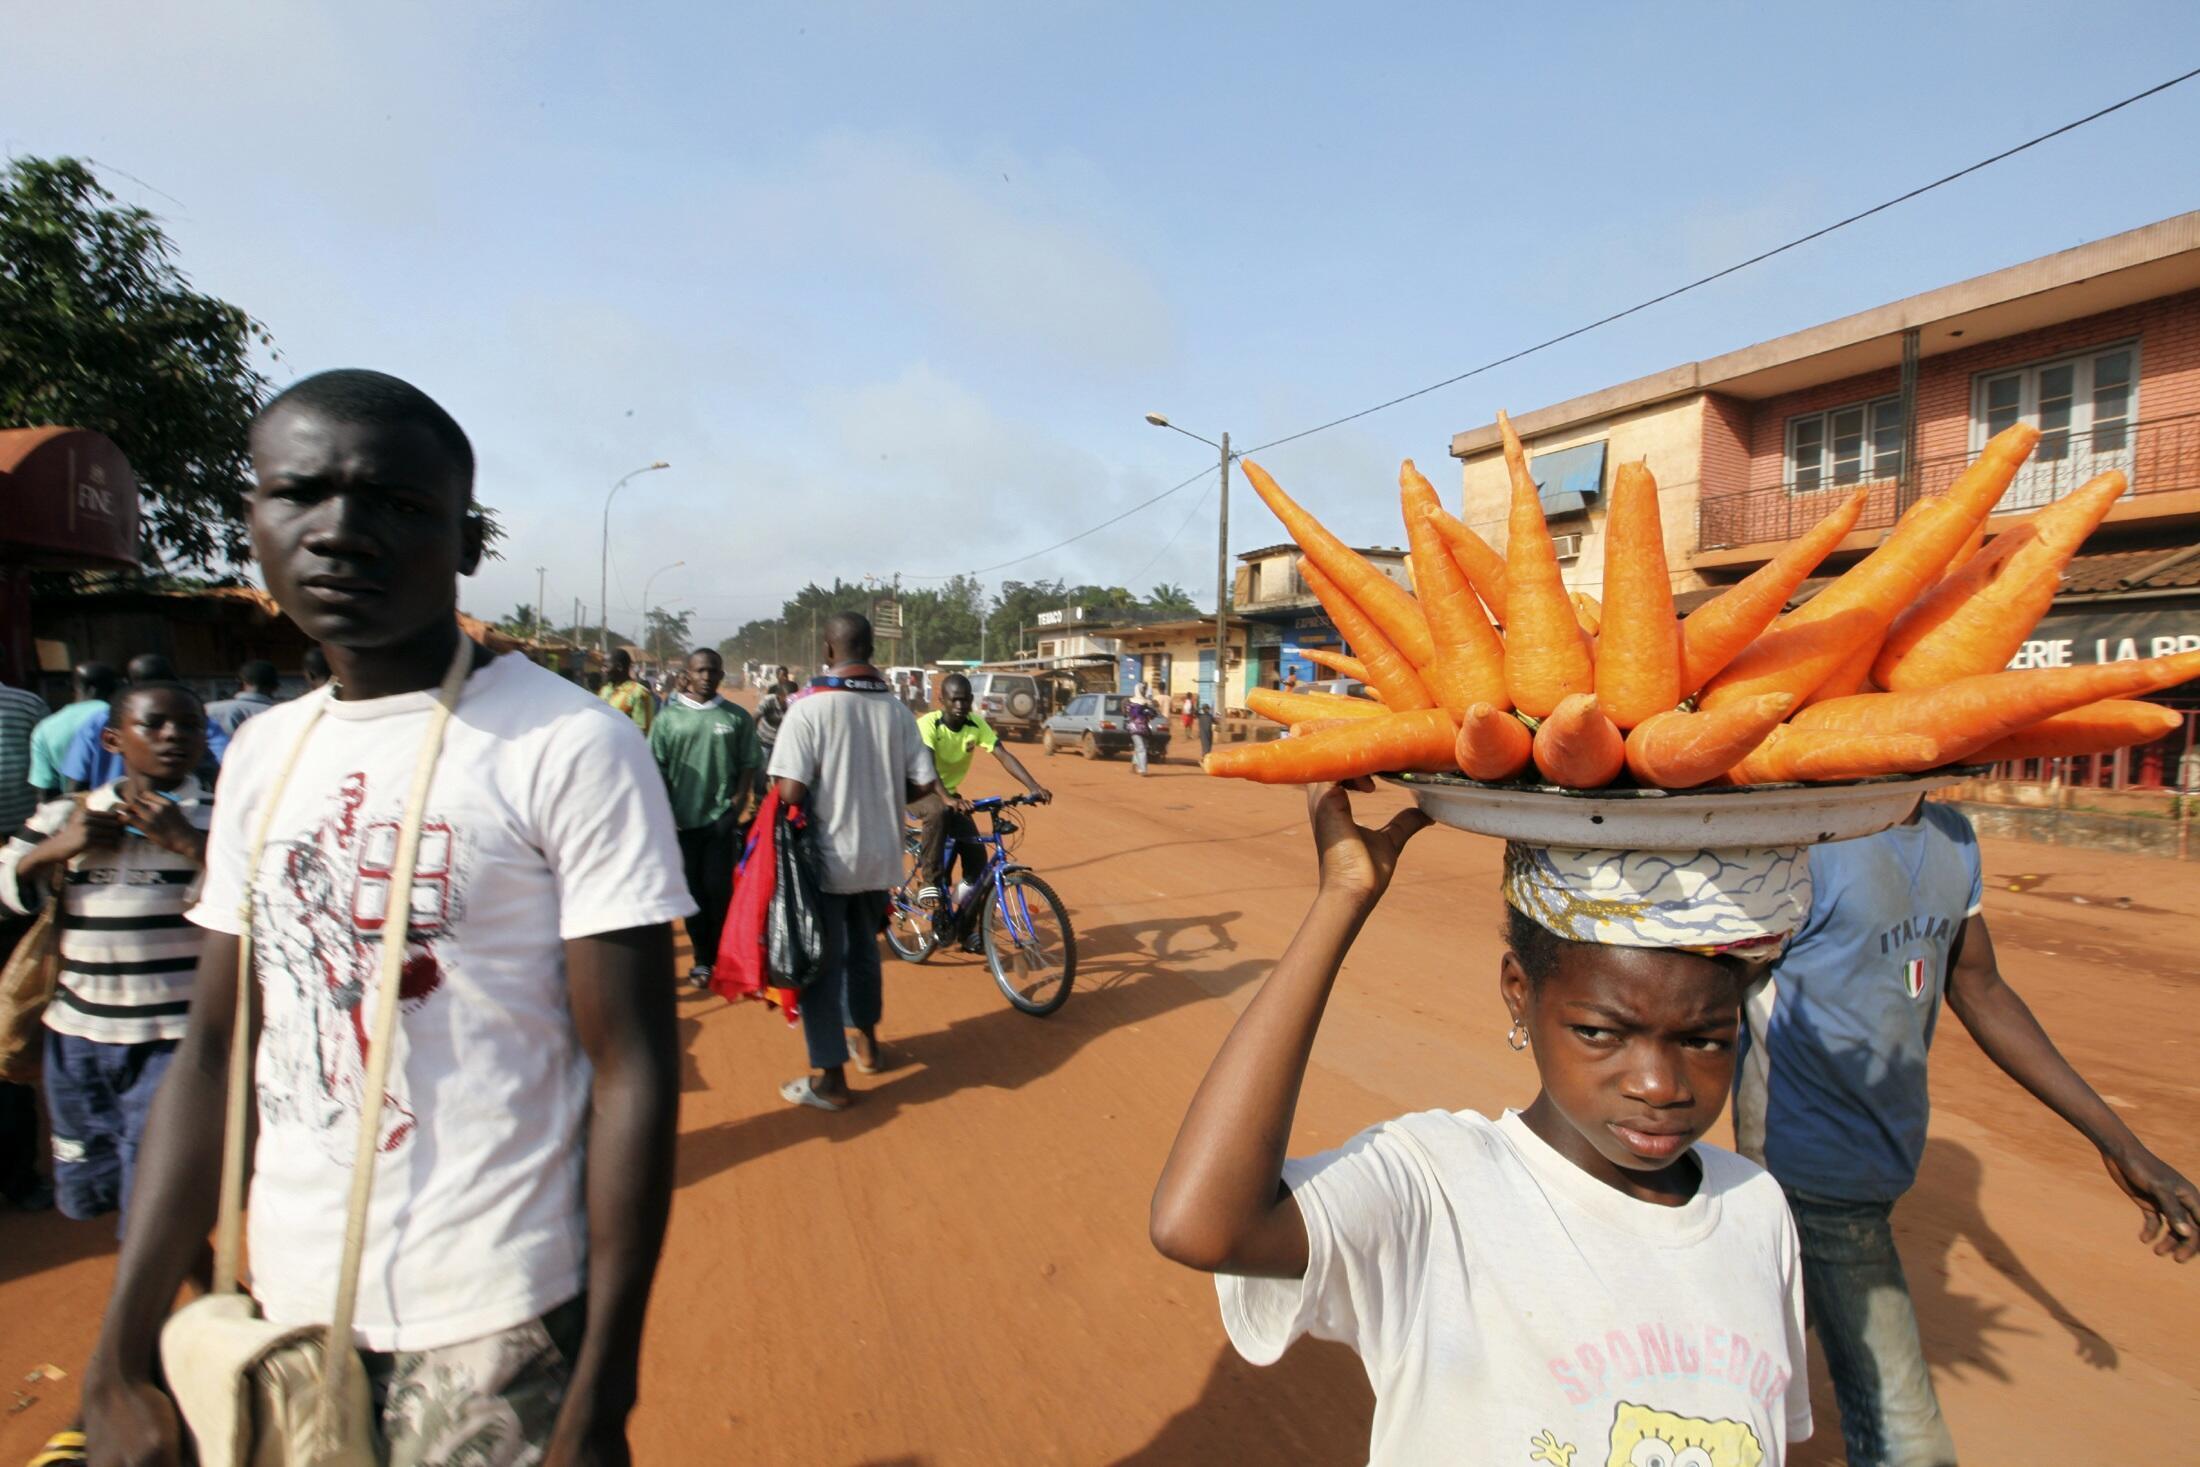 En Côte d'Ivoire, 77% de la population a moins de 35 ans.